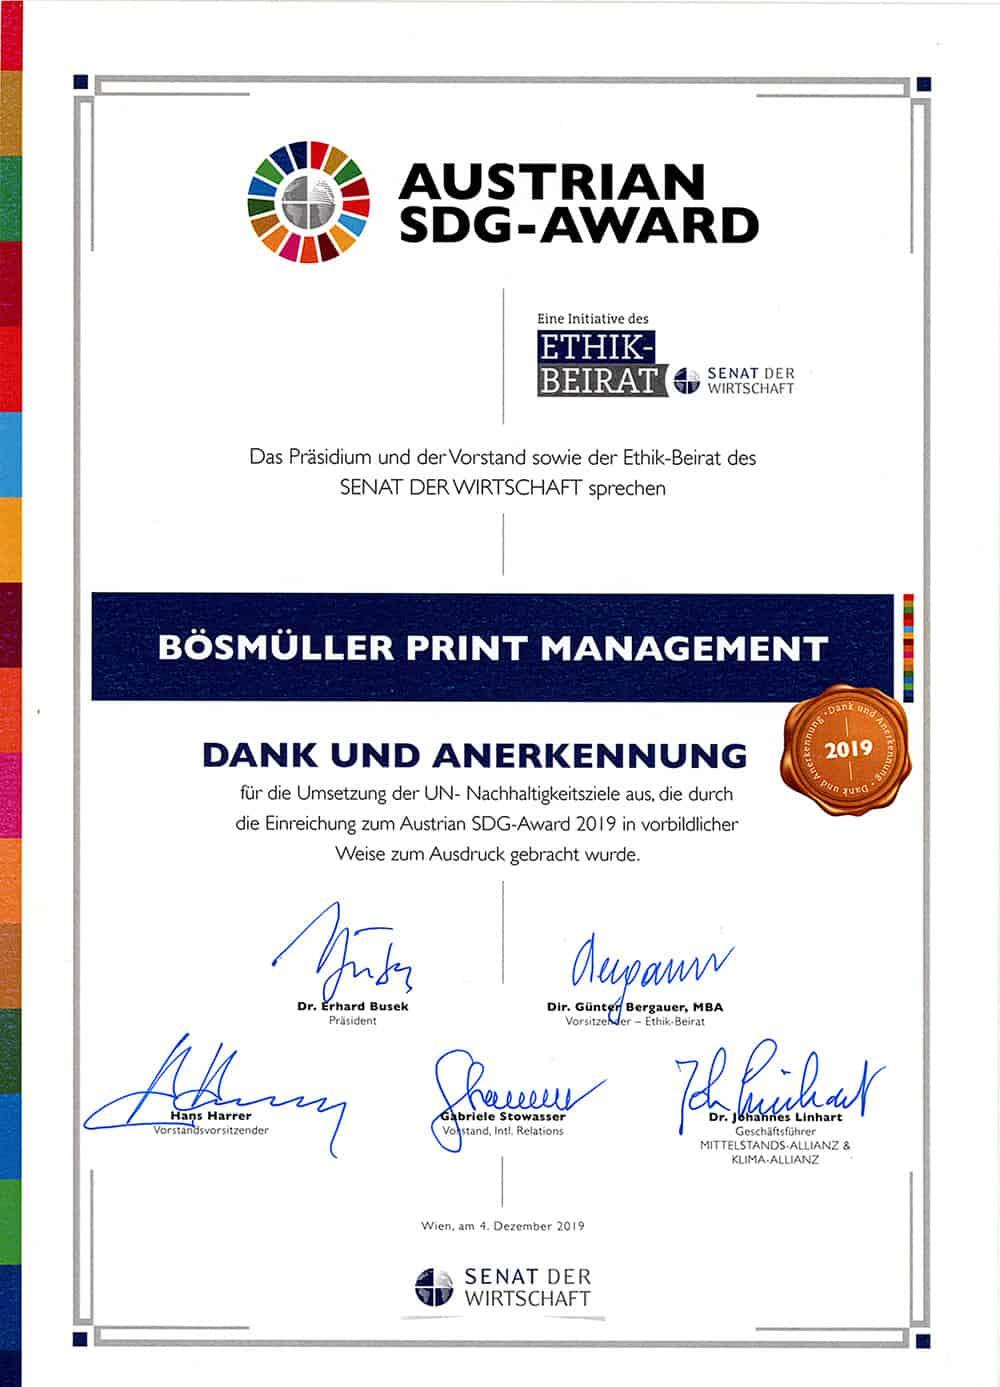 Urkunde Austrian SDG Award